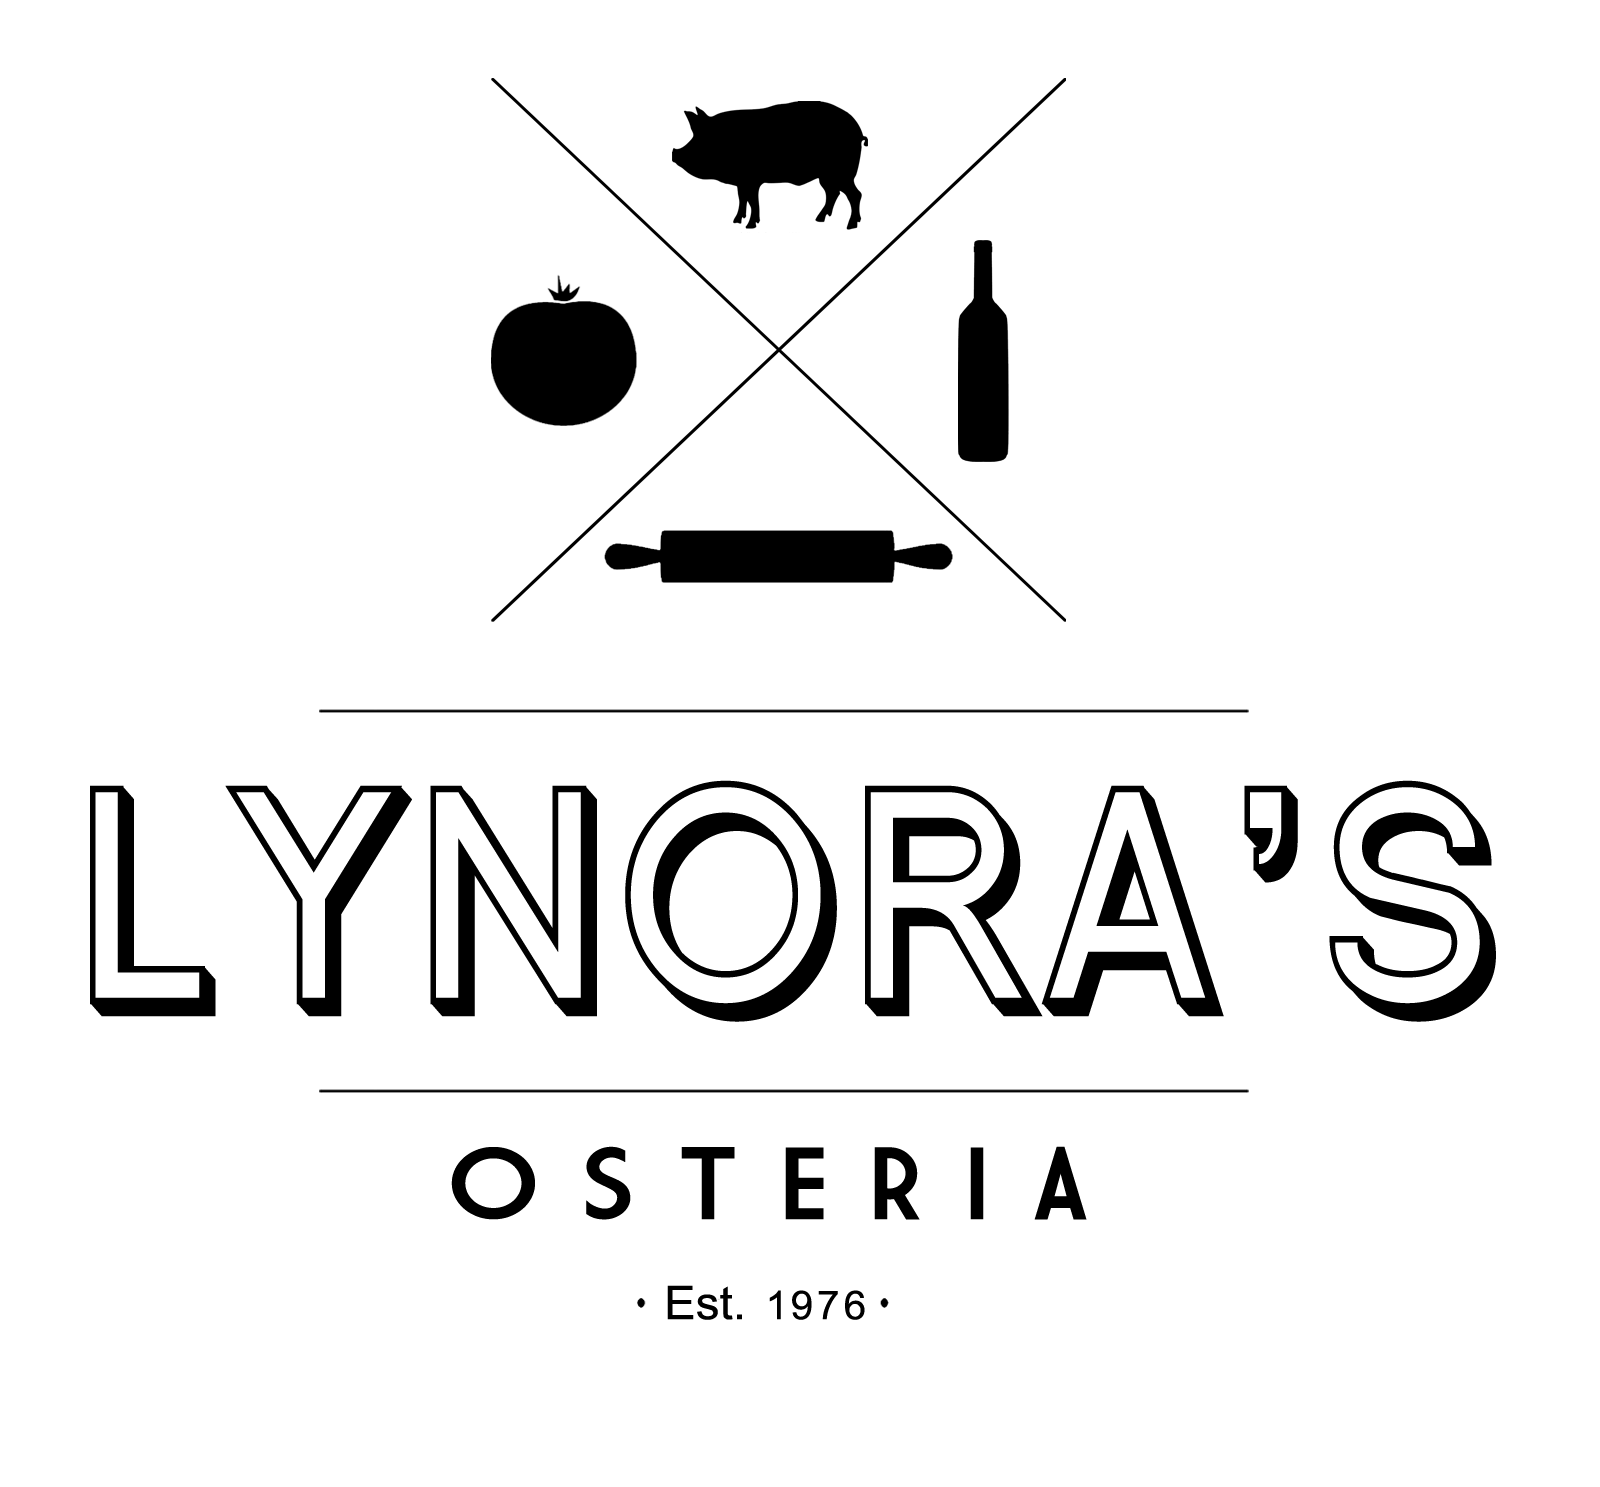 lynoras-logo-psd-blk